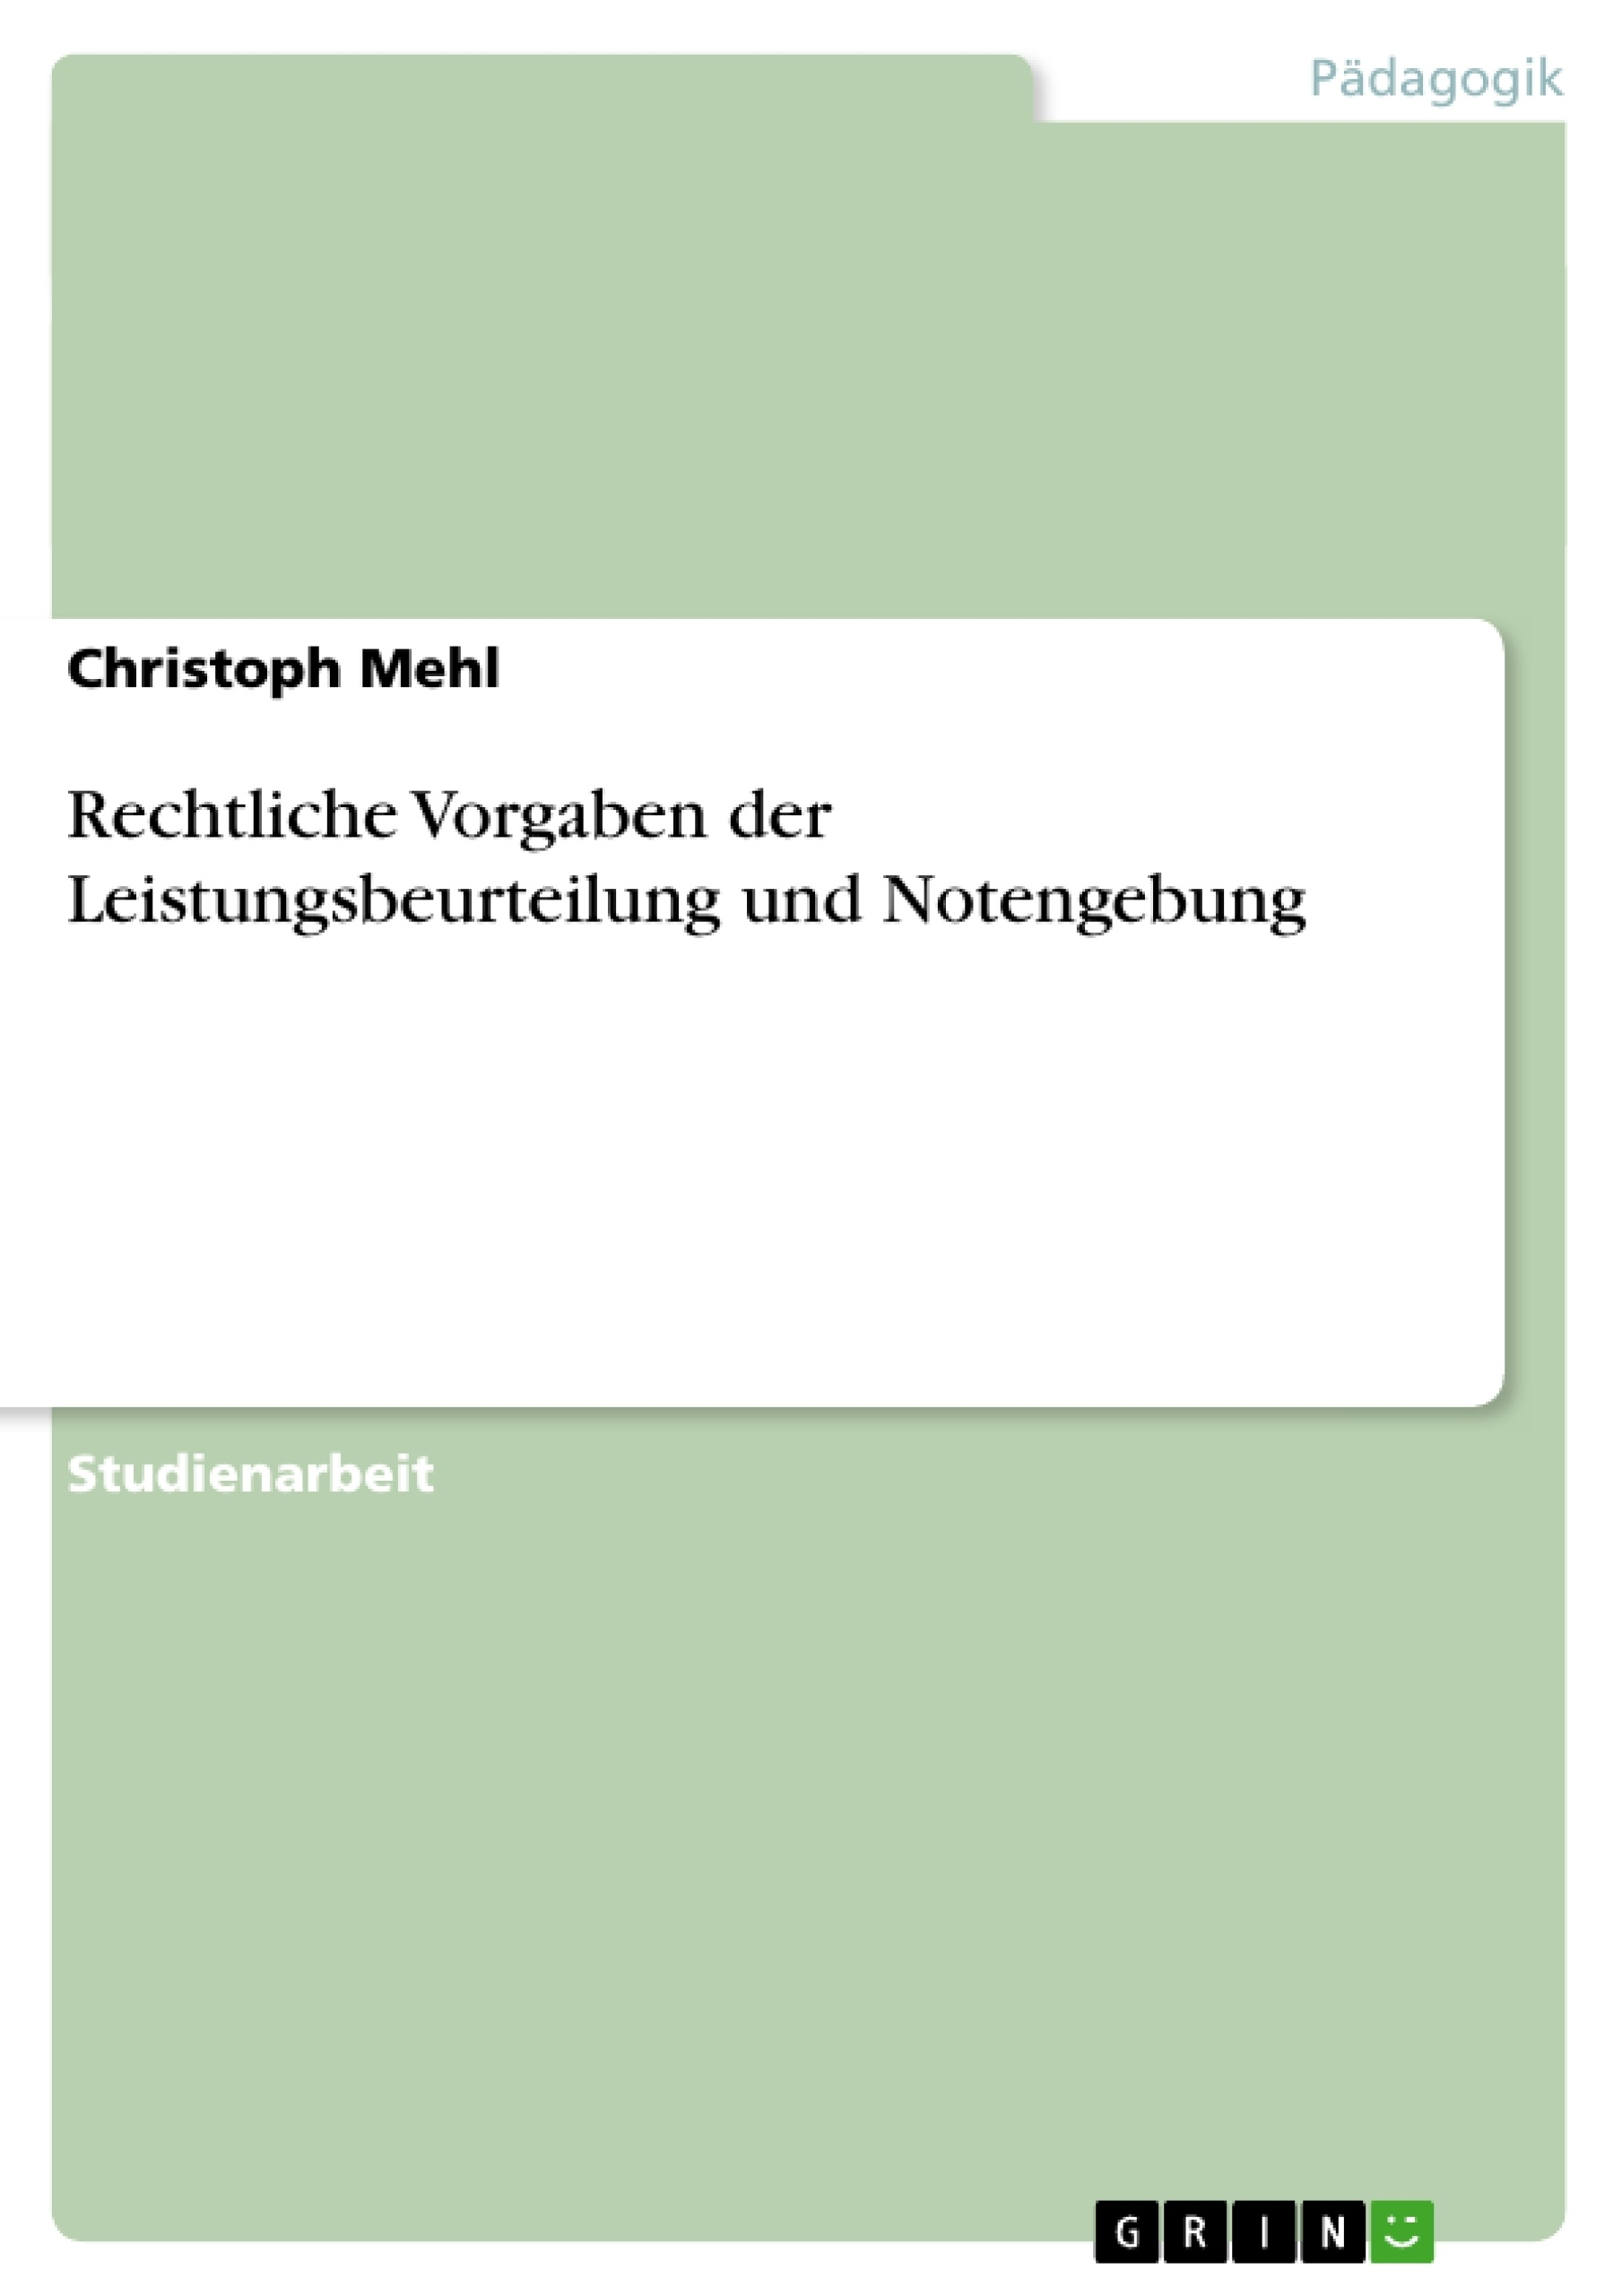 Titel: Rechtliche Vorgaben der Leistungsbeurteilung und Notengebung